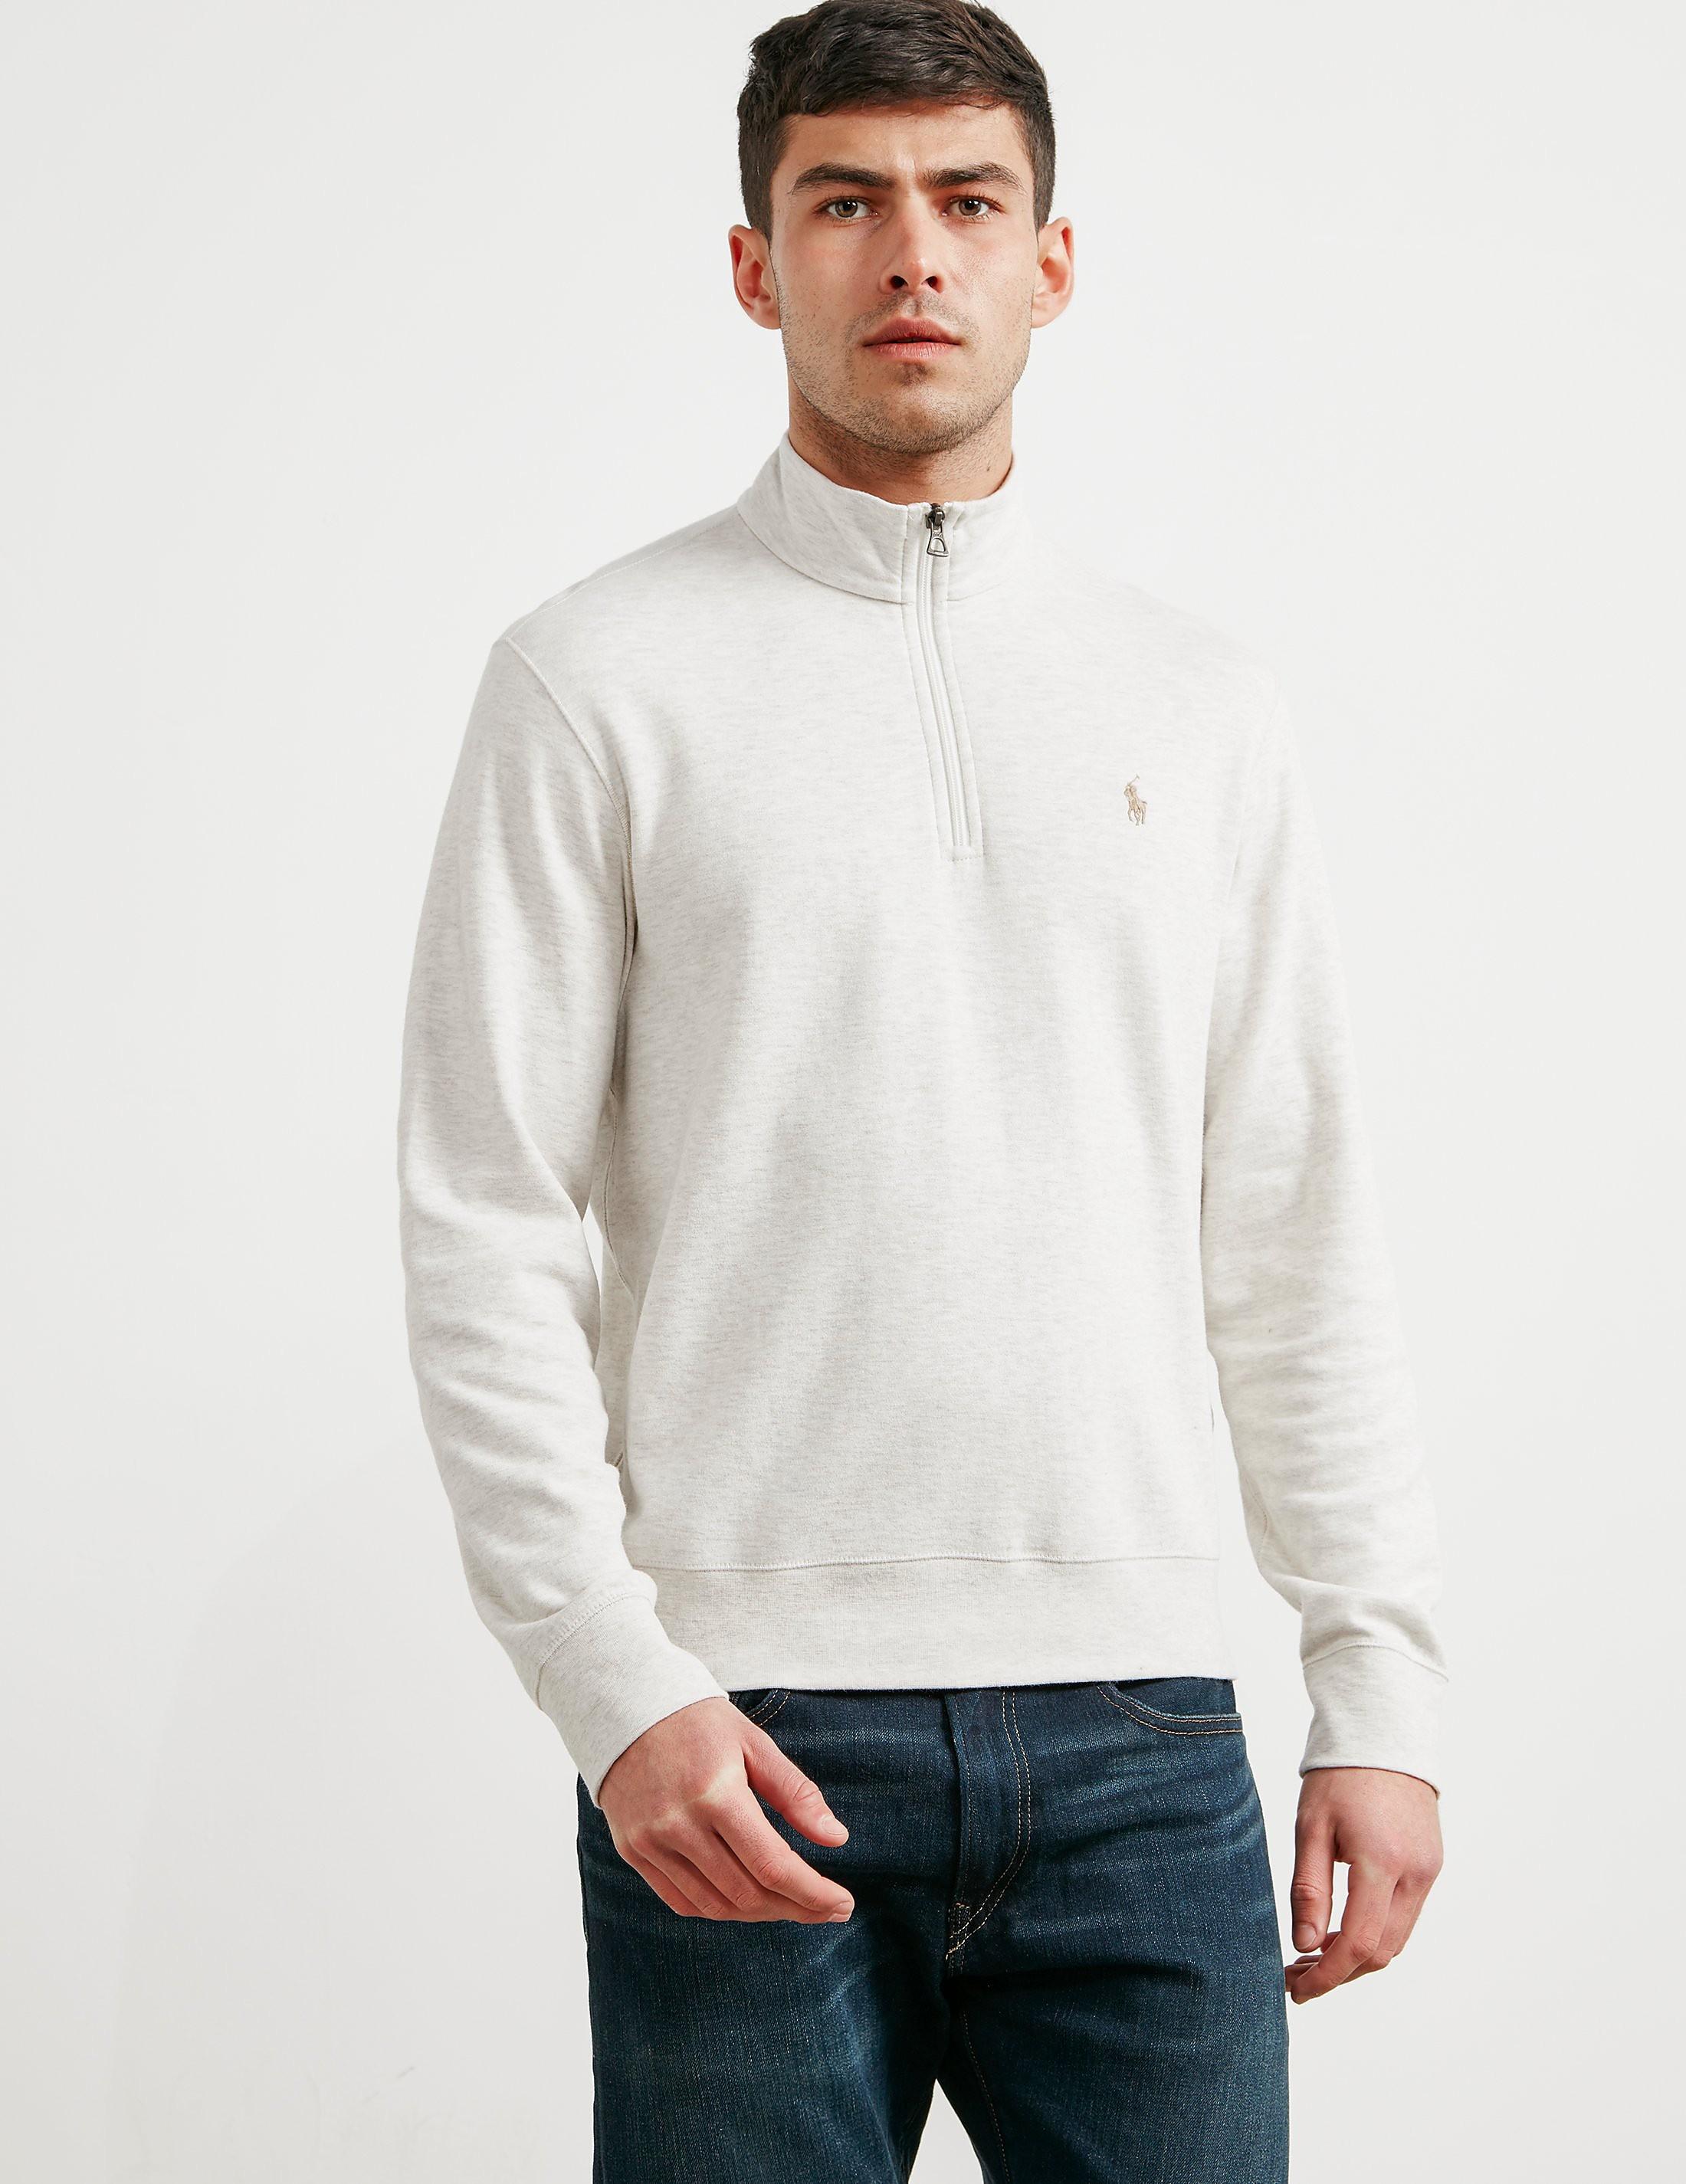 Polo Ralph Lauren Pima Cotton Half Zip Sweatshirt